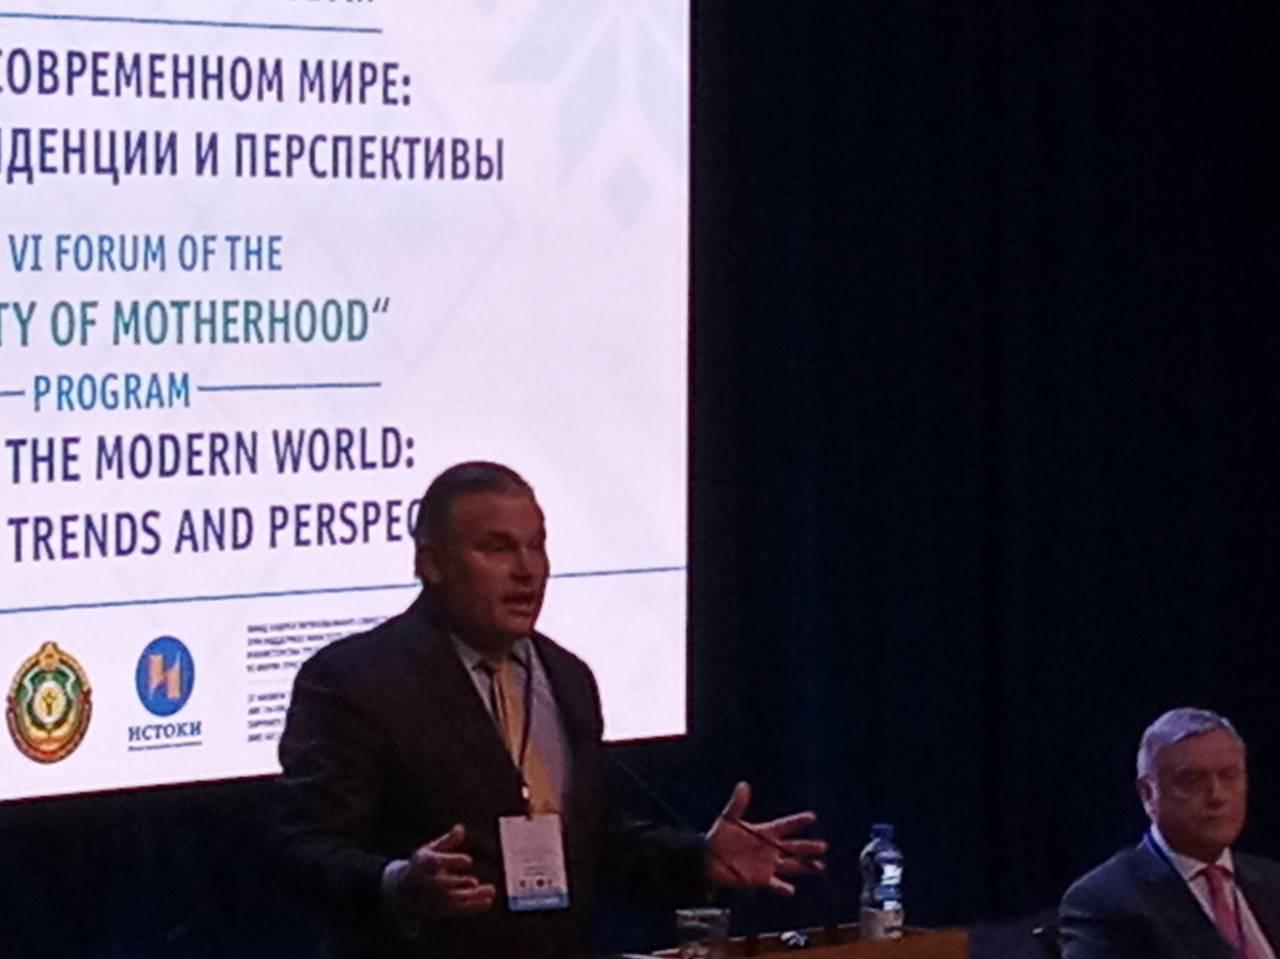 Брайан Браун, Президент Международной организации в защиту семьи об американской действительности